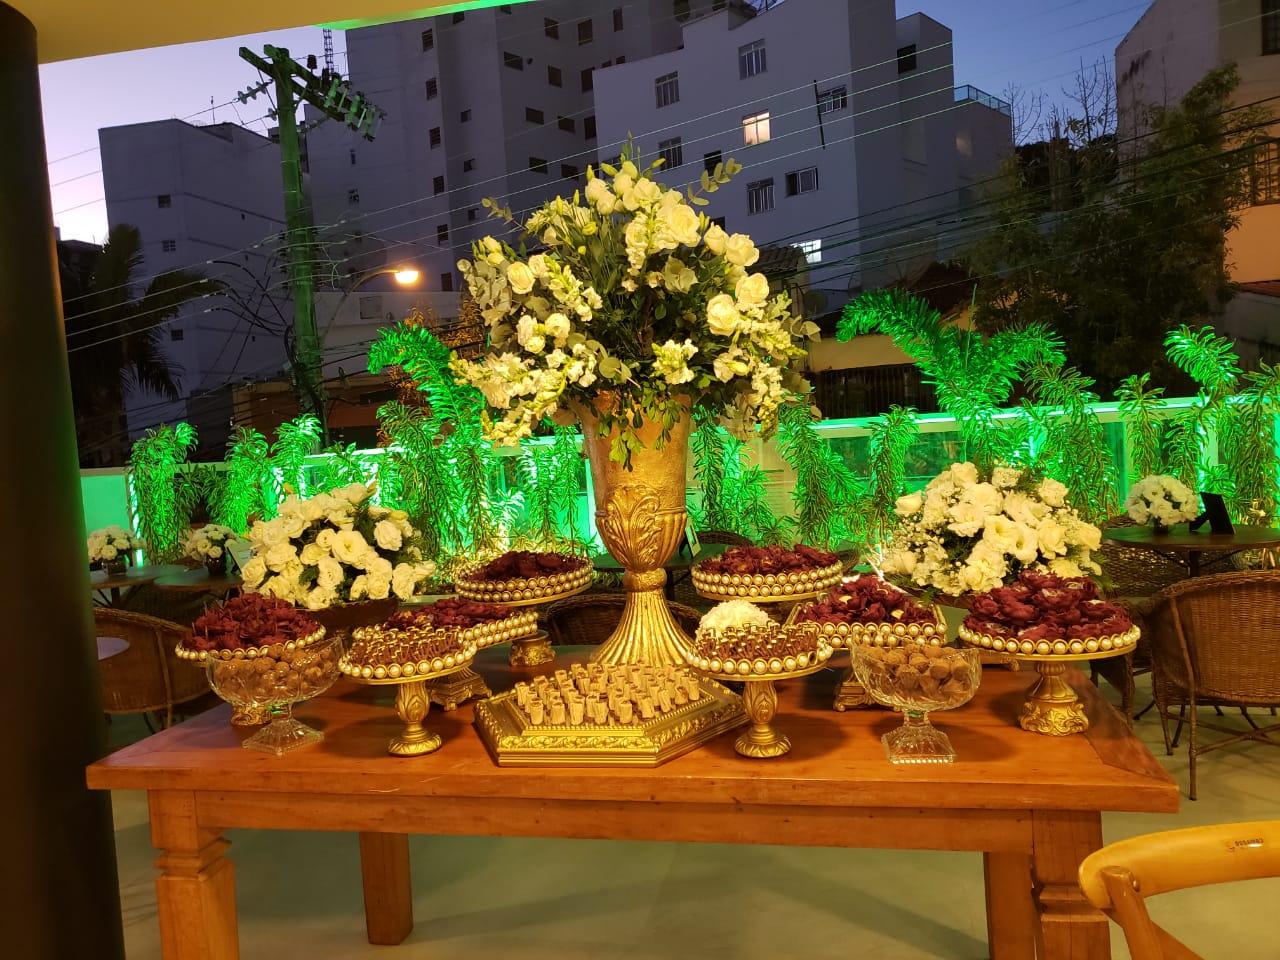 Mesa de doces com arranjo de flor